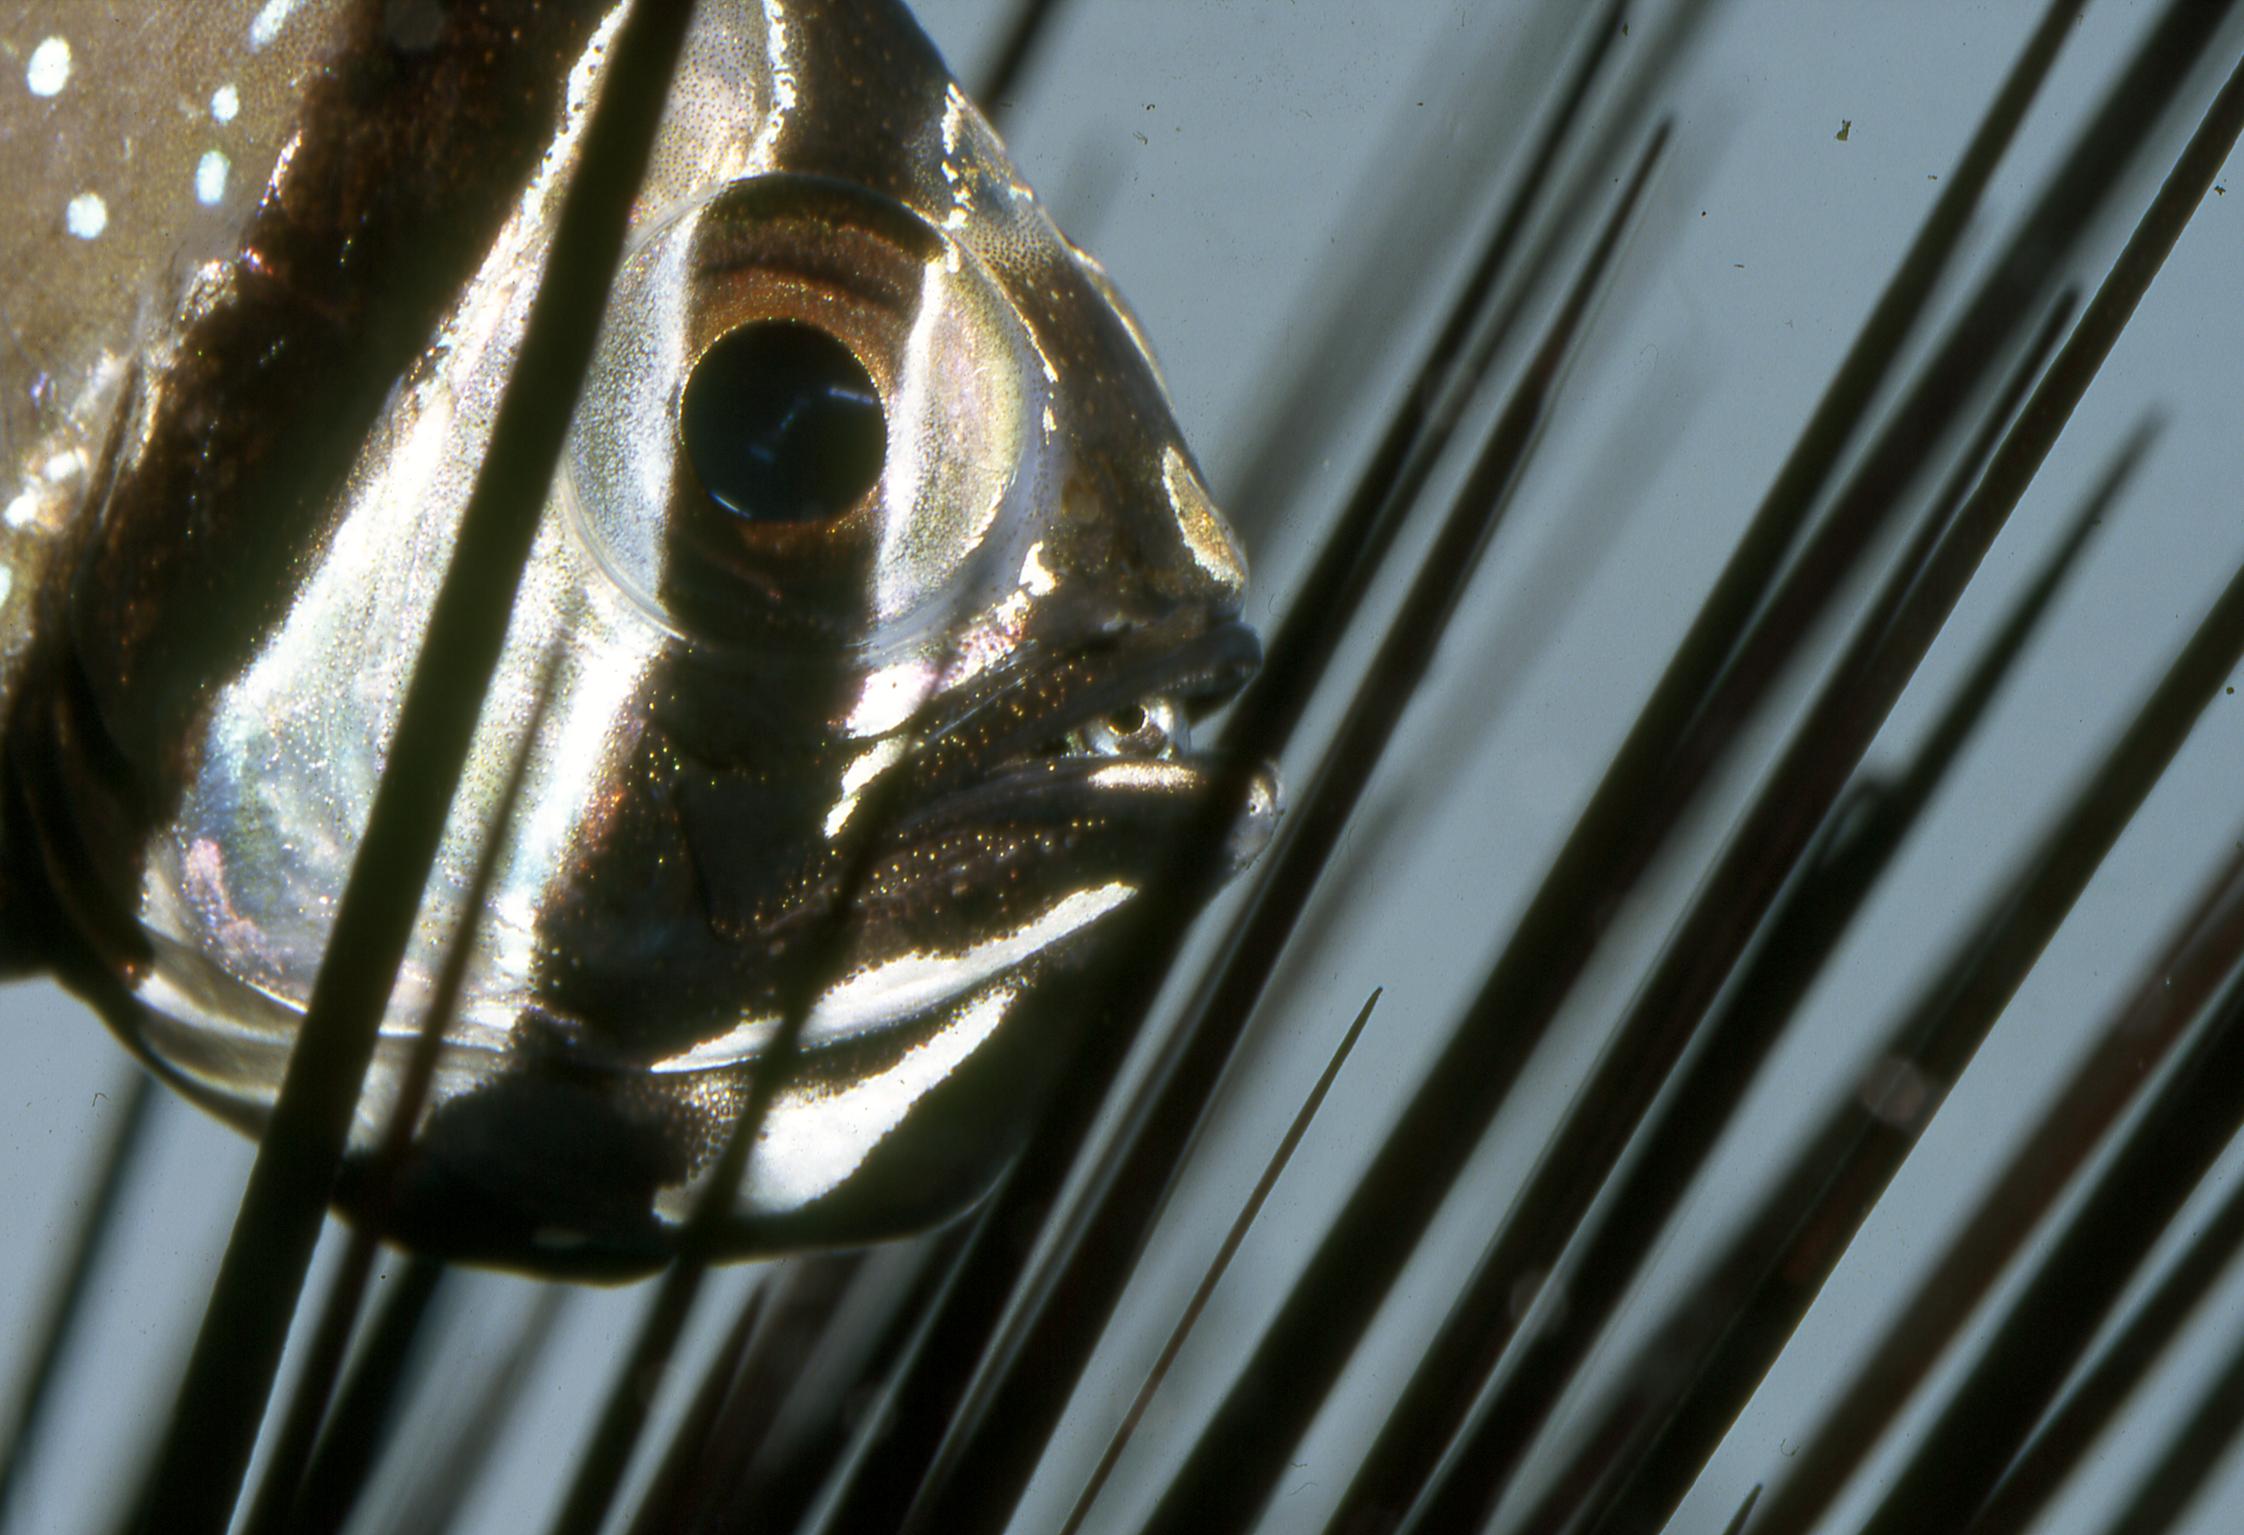 Pterapogon kauderni incubant